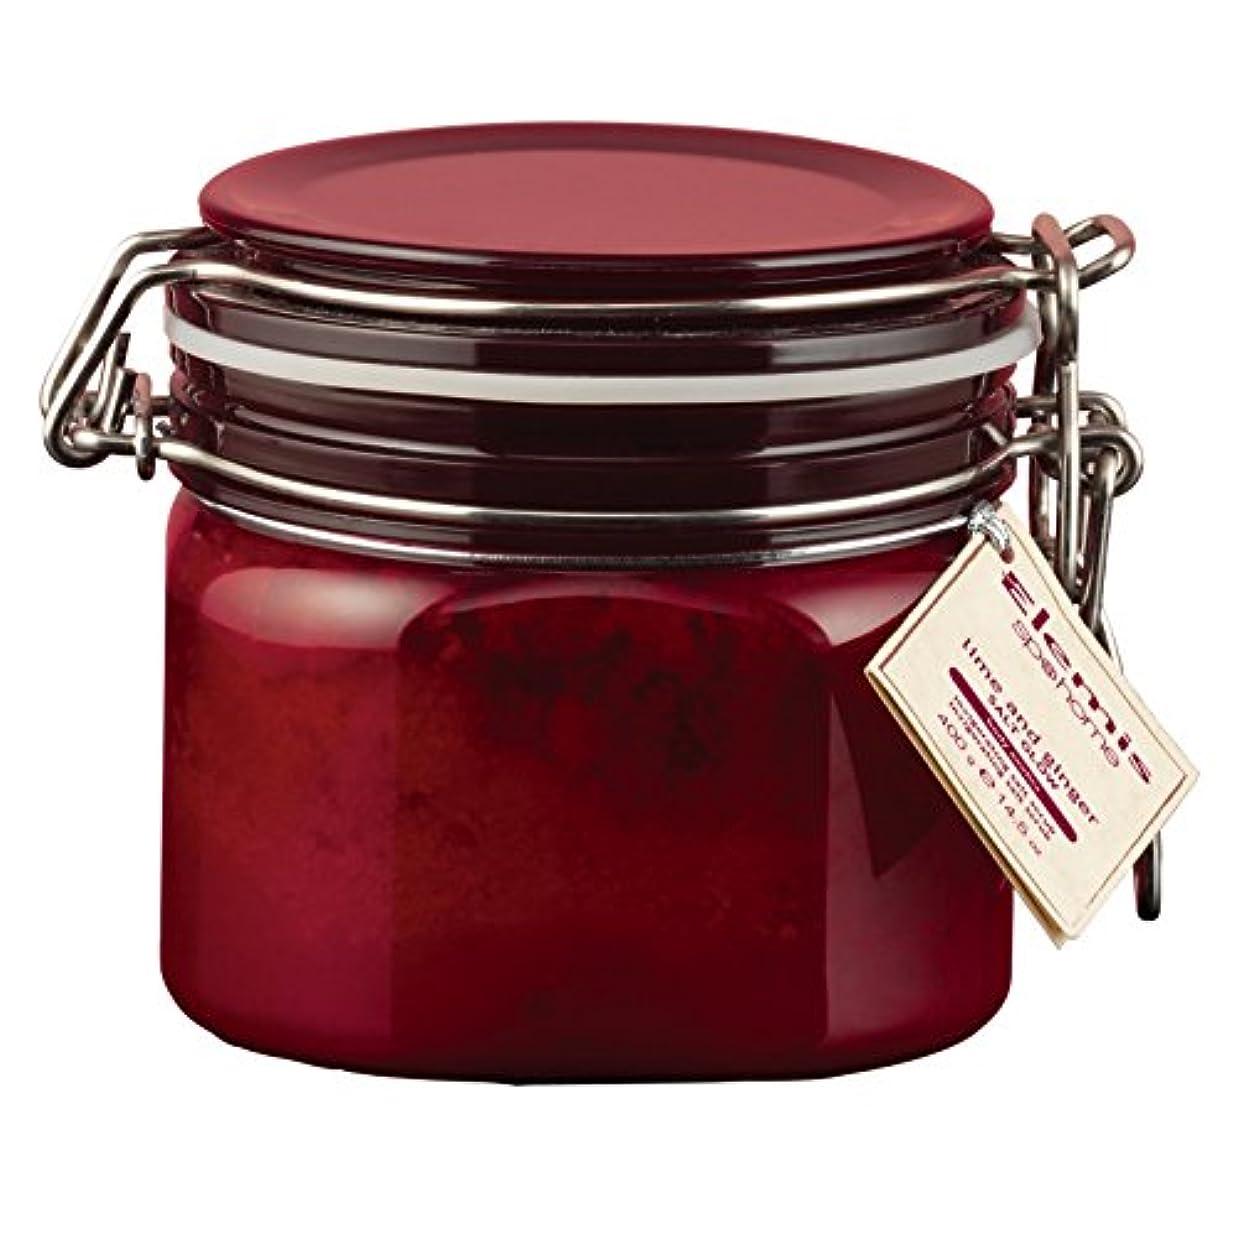 ポータースキム仮装エレミスライムとジンジャーソルトグロー410グラム (Elemis) (x2) - Elemis Lime and Ginger Salt Glow 410g (Pack of 2) [並行輸入品]